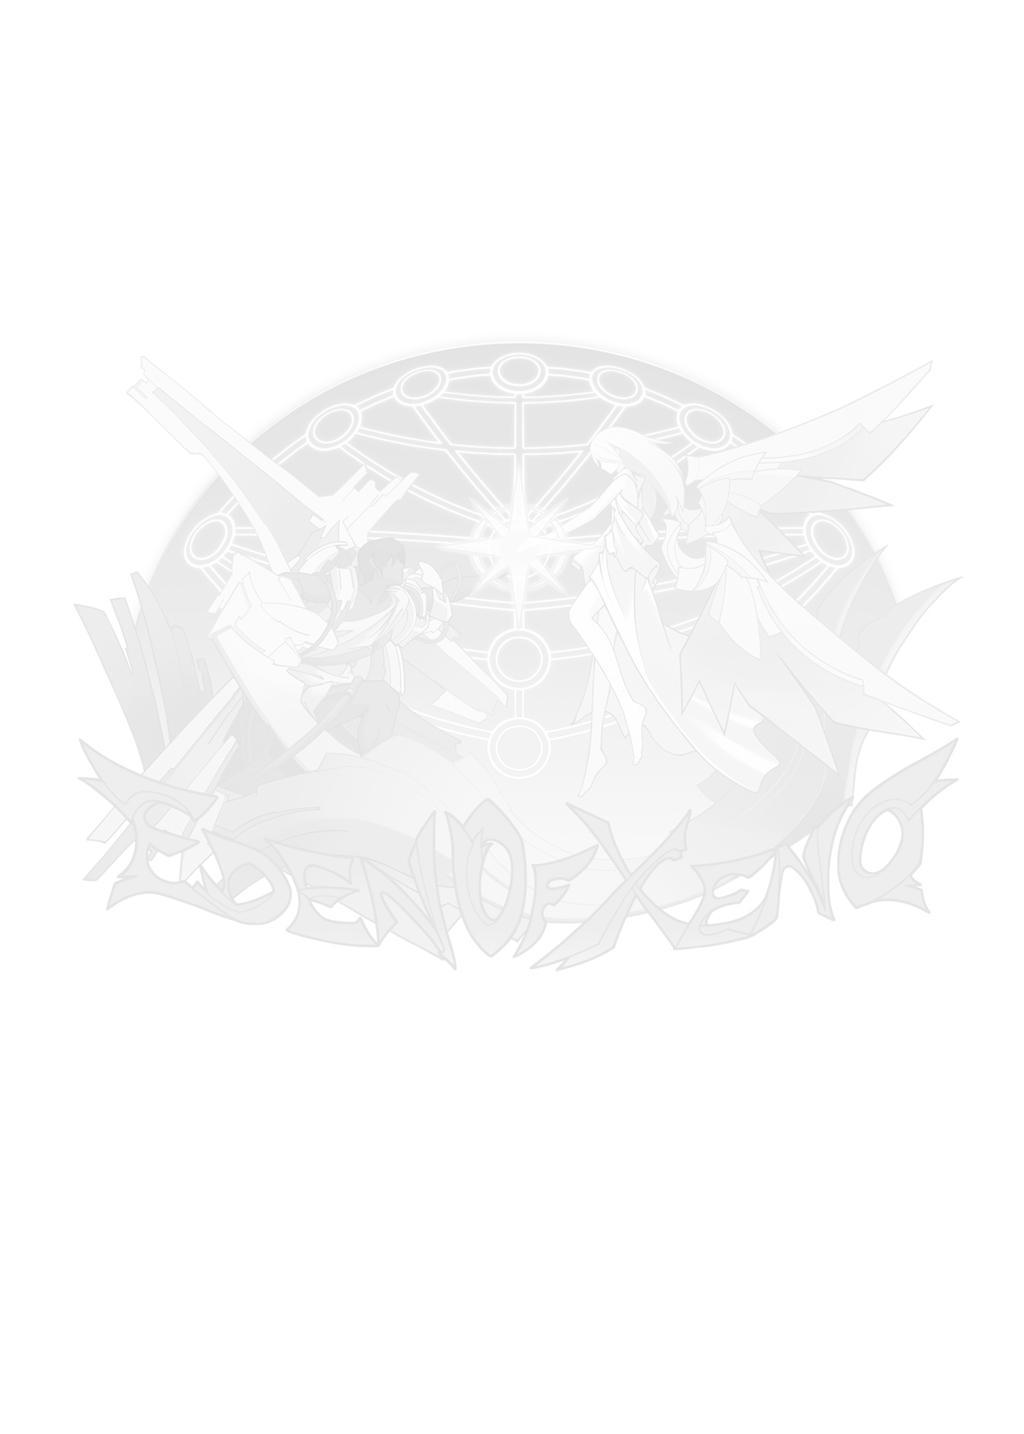 Yakusoku no Sora to Kimigaita Basho 1 ~ 2 1